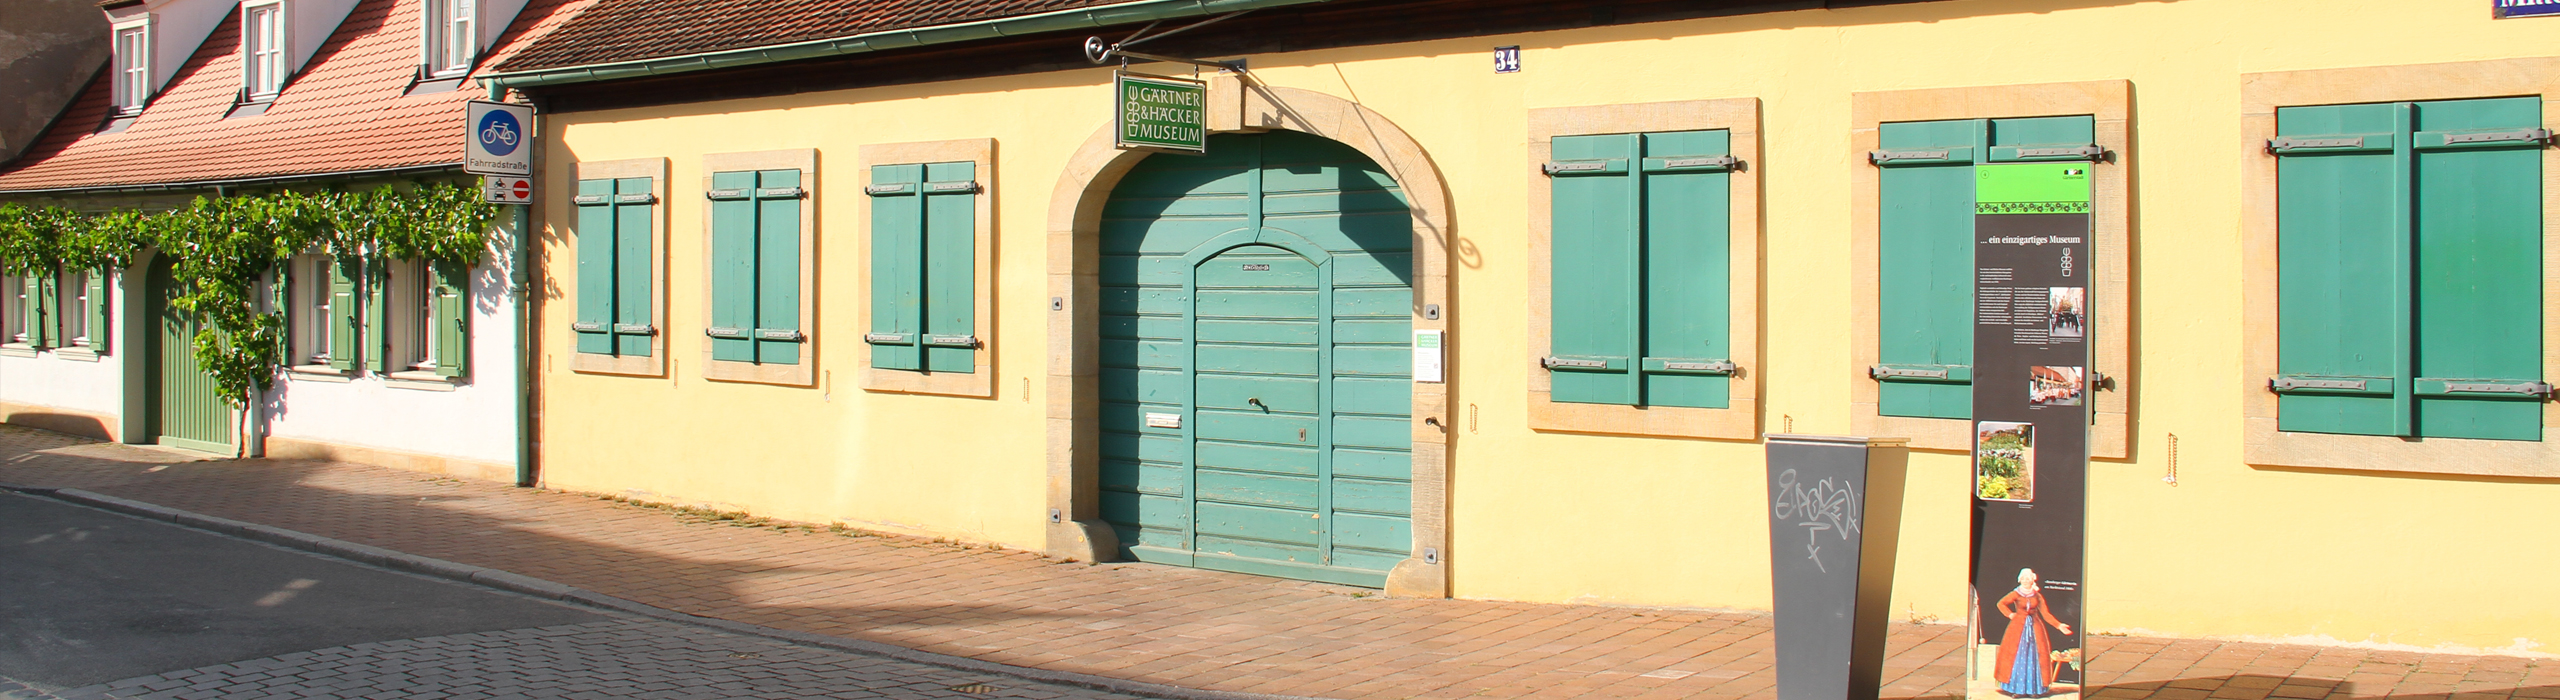 Gärtner- und Häckermuseum